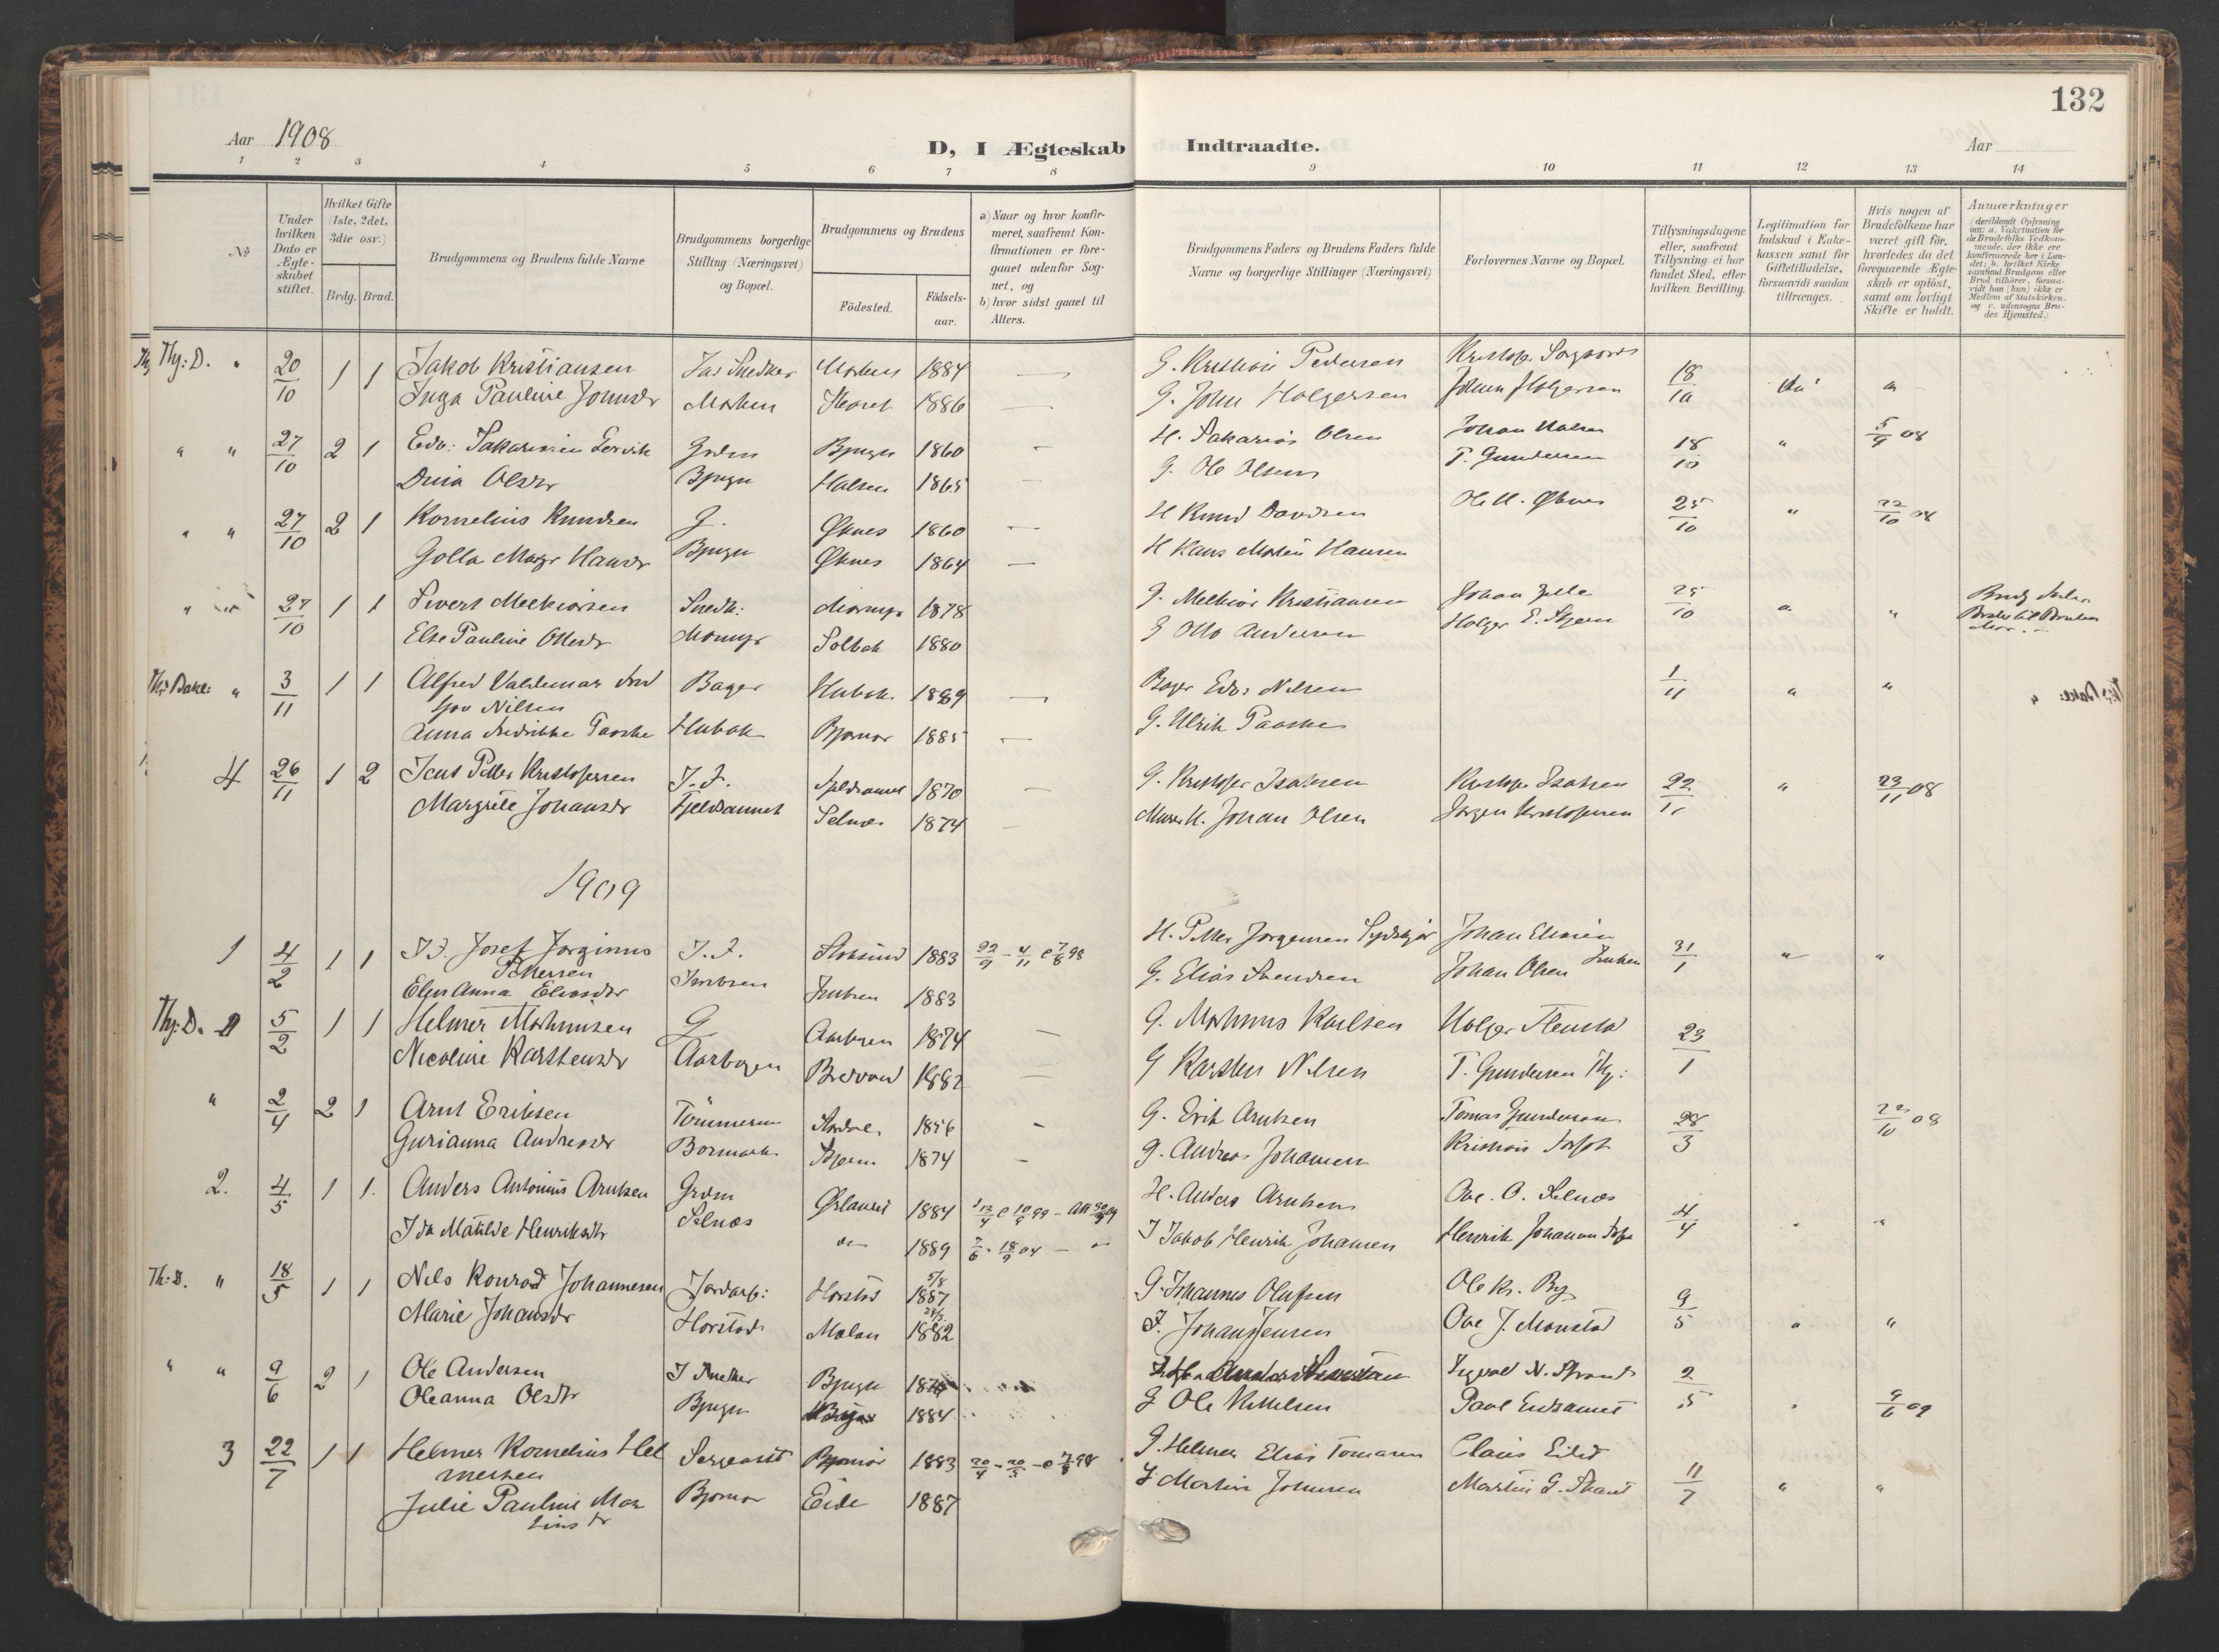 SAT, Ministerialprotokoller, klokkerbøker og fødselsregistre - Sør-Trøndelag, 655/L0682: Ministerialbok nr. 655A11, 1908-1922, s. 132